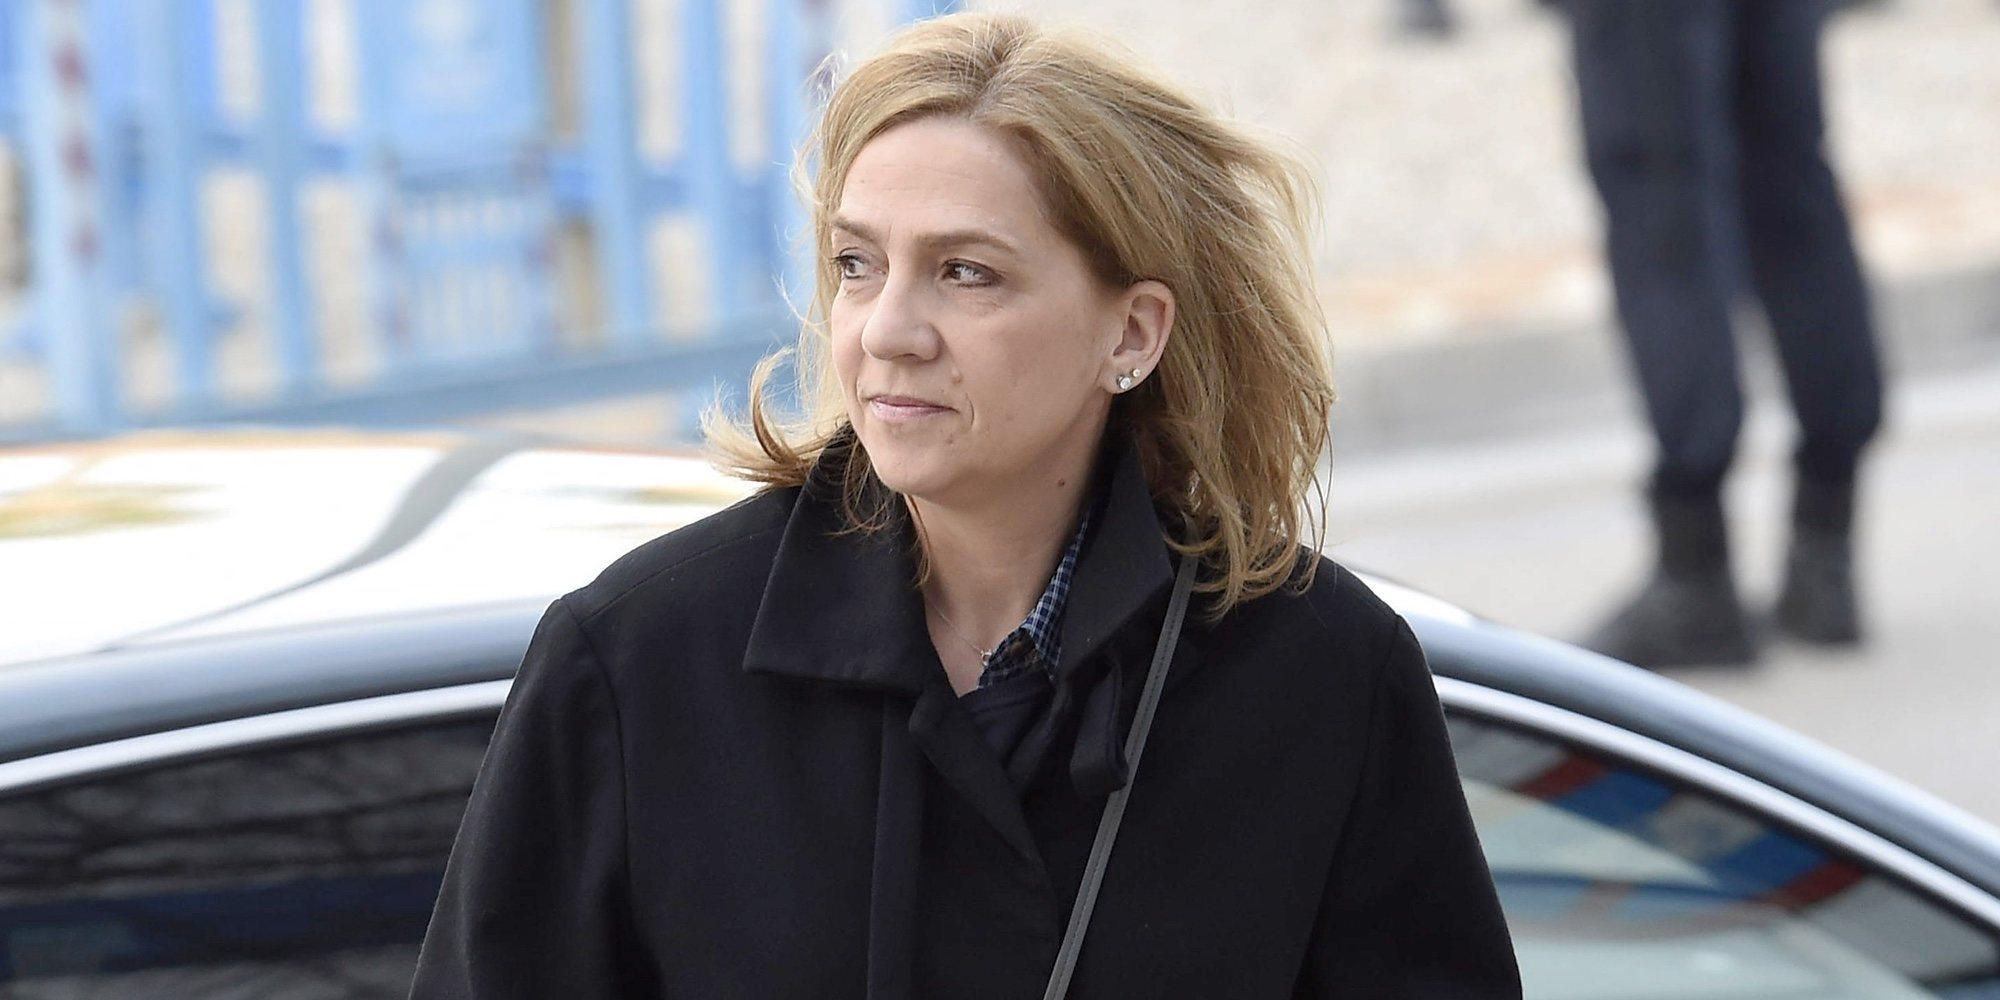 La Infanta Cristina ante el infierno que vive con Iñaki Urdangarin: está dolida y frustrada